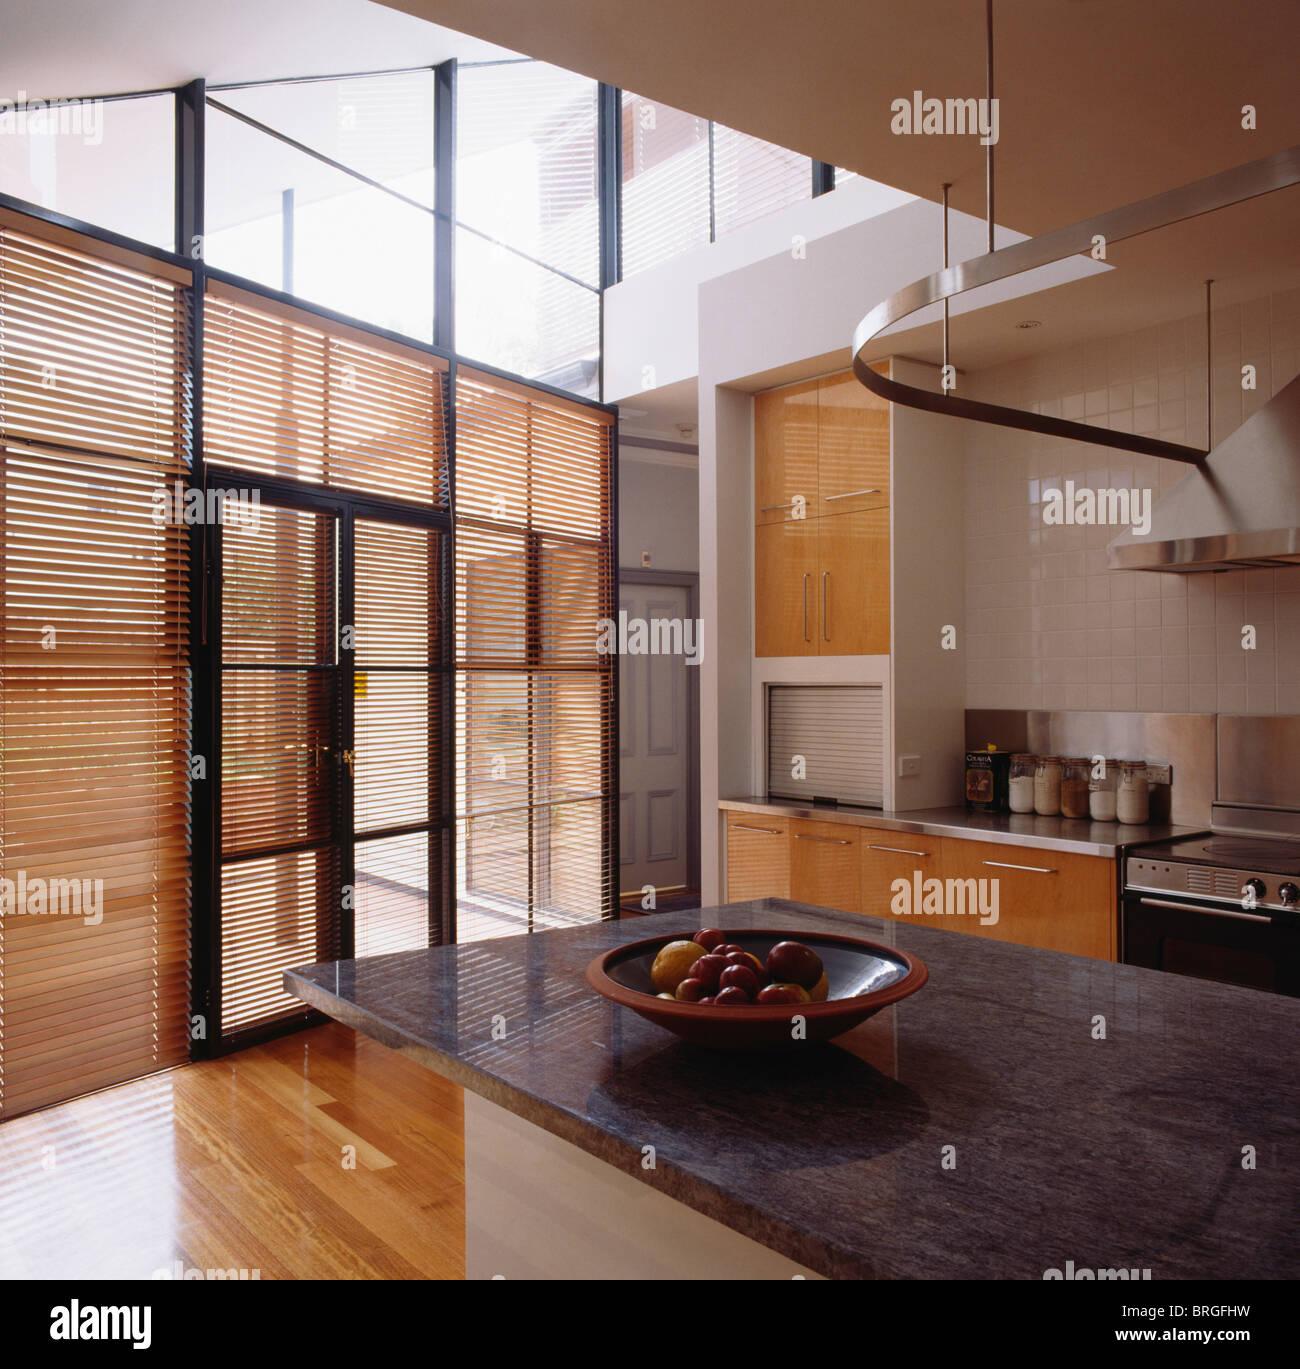 Persianas de madera en puertas de cristal en el gran ventanal de doble altura cocina moderna - Altura encimera cocina ...